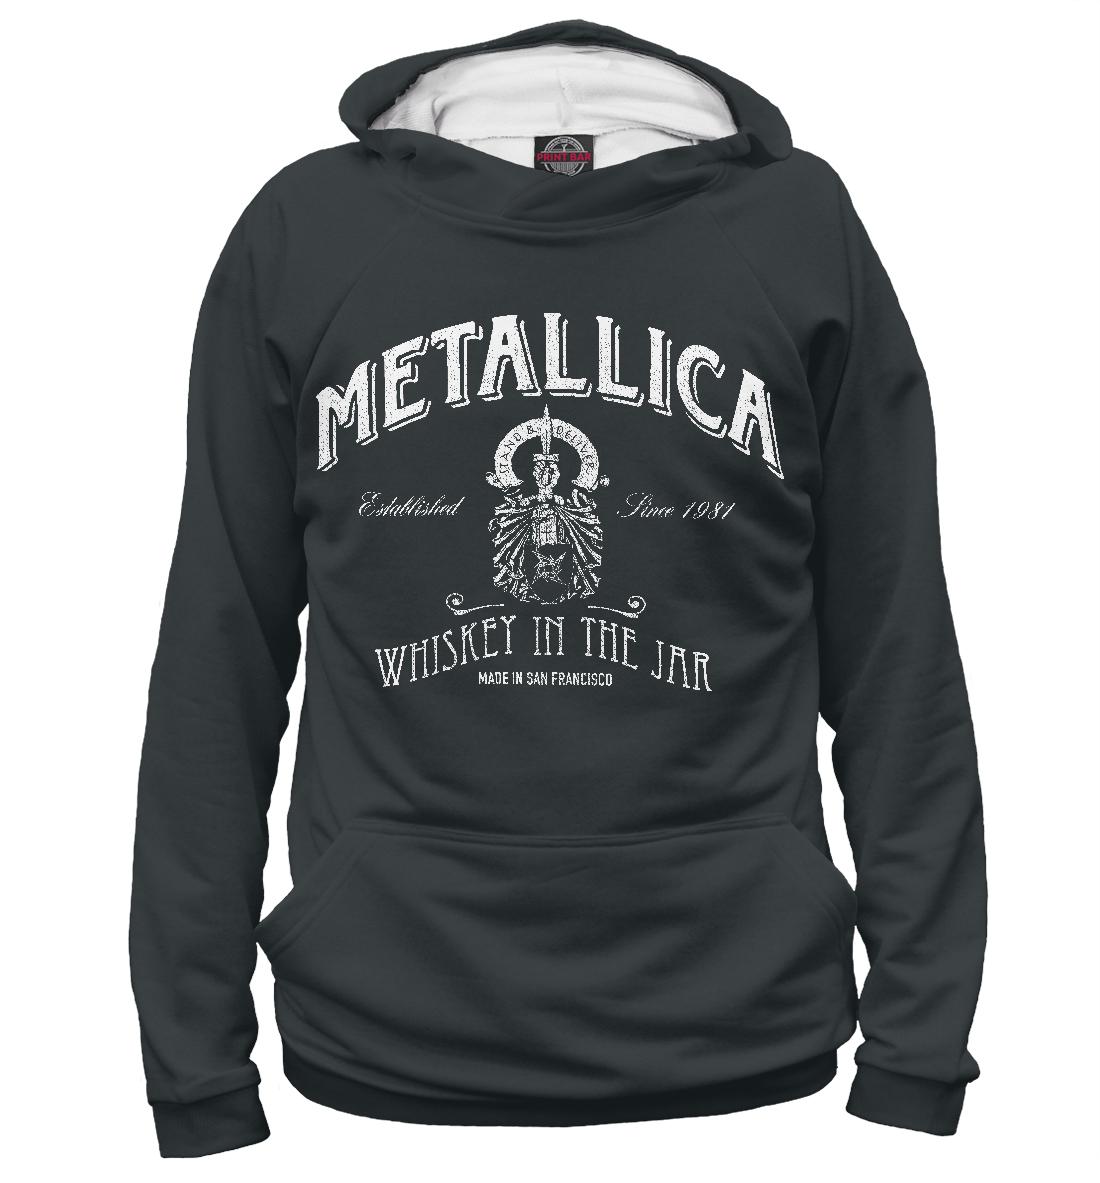 Купить Metallica, Printbar, Худи, MET-462921-hud-2